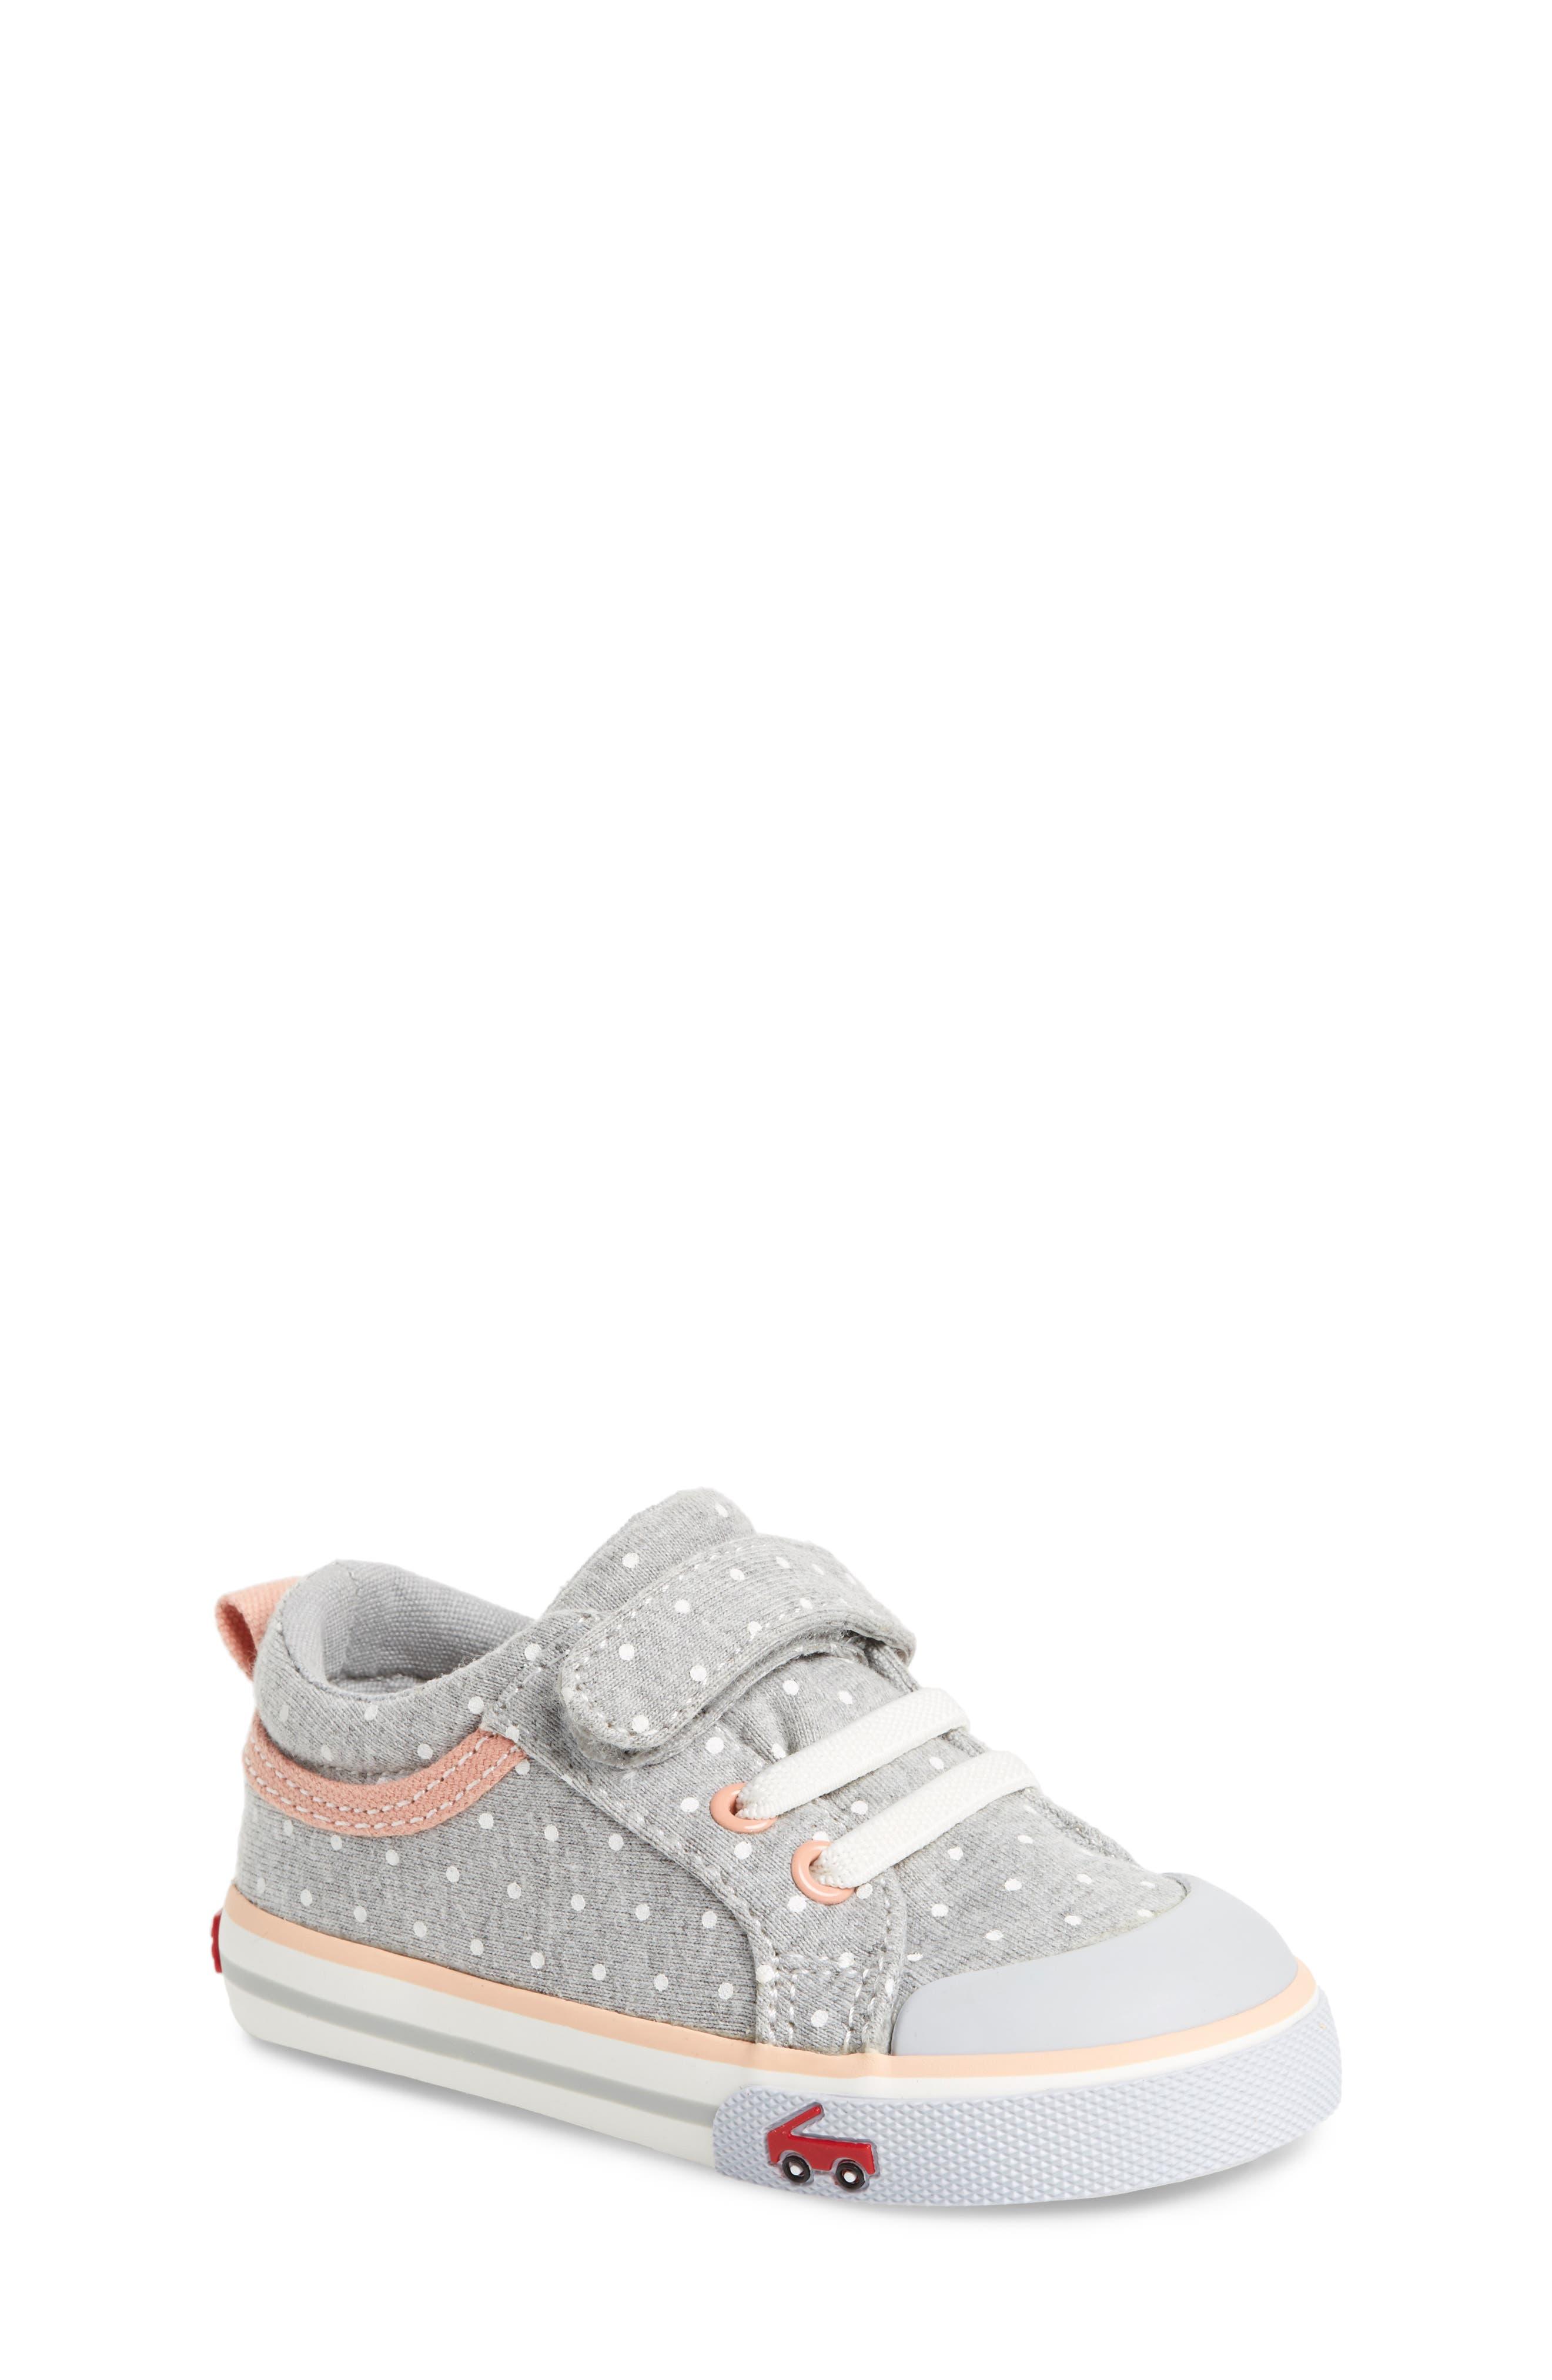 Kristin Sneaker,                             Main thumbnail 1, color,                             023